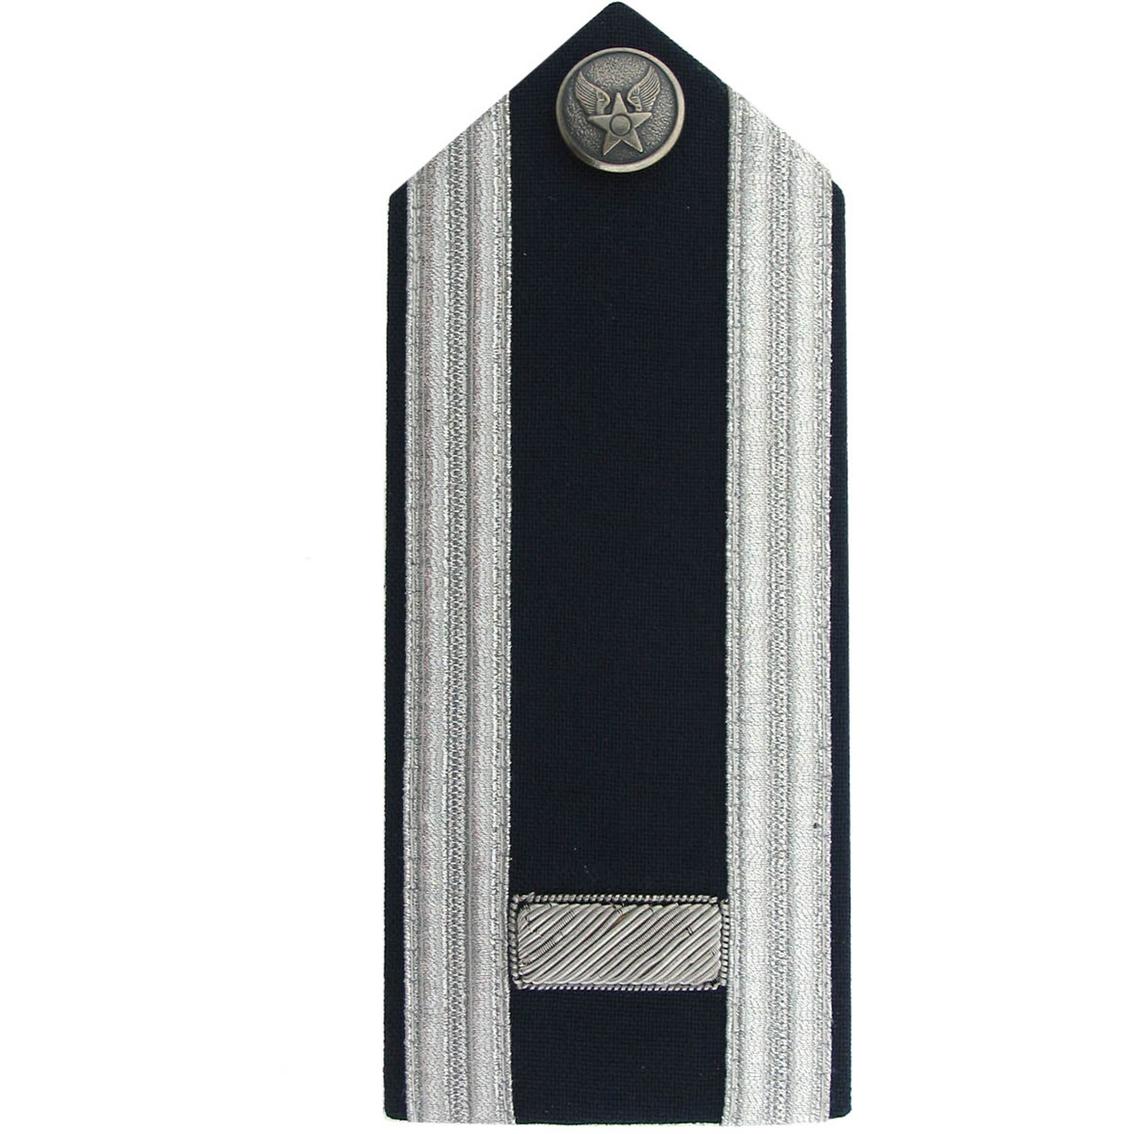 Air Force Shoulder Board Dress 1st Lieutenant Large Hap